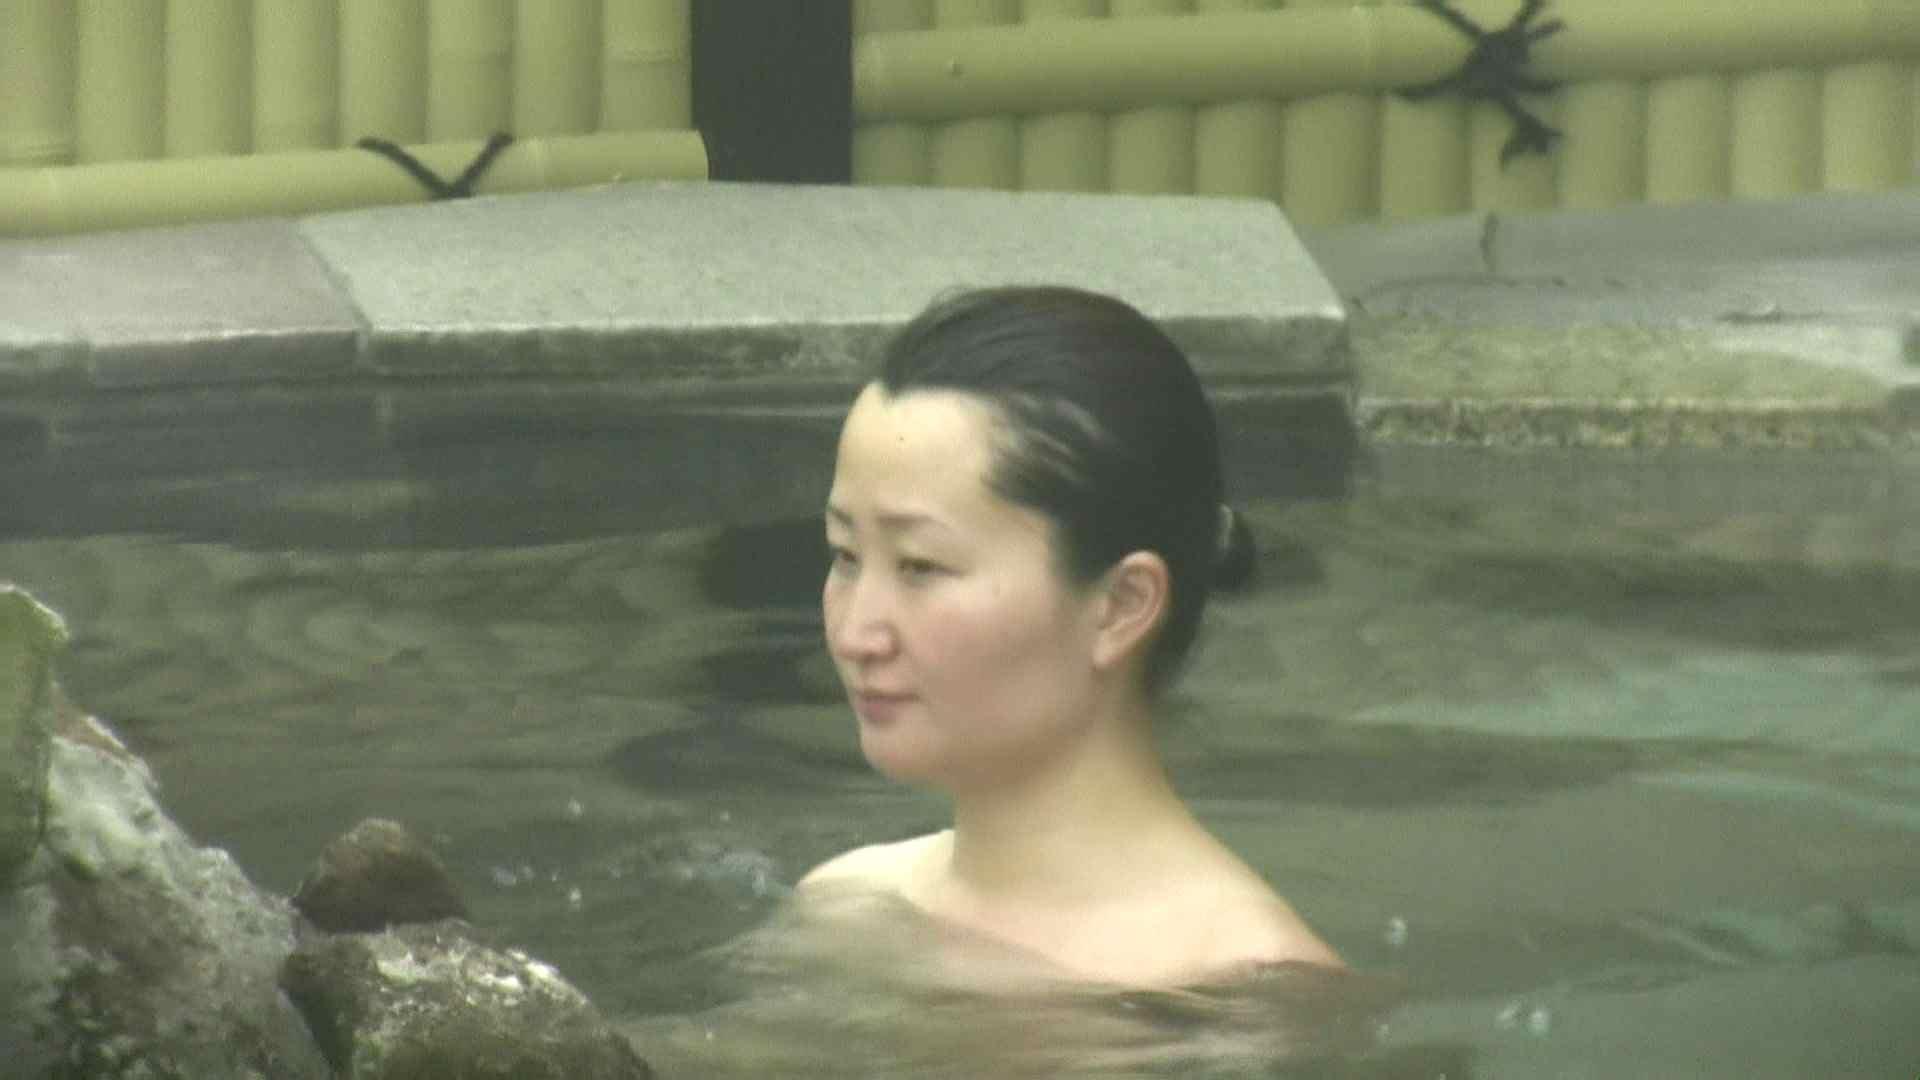 Aquaな露天風呂Vol.632 盗撮  41PICs 15